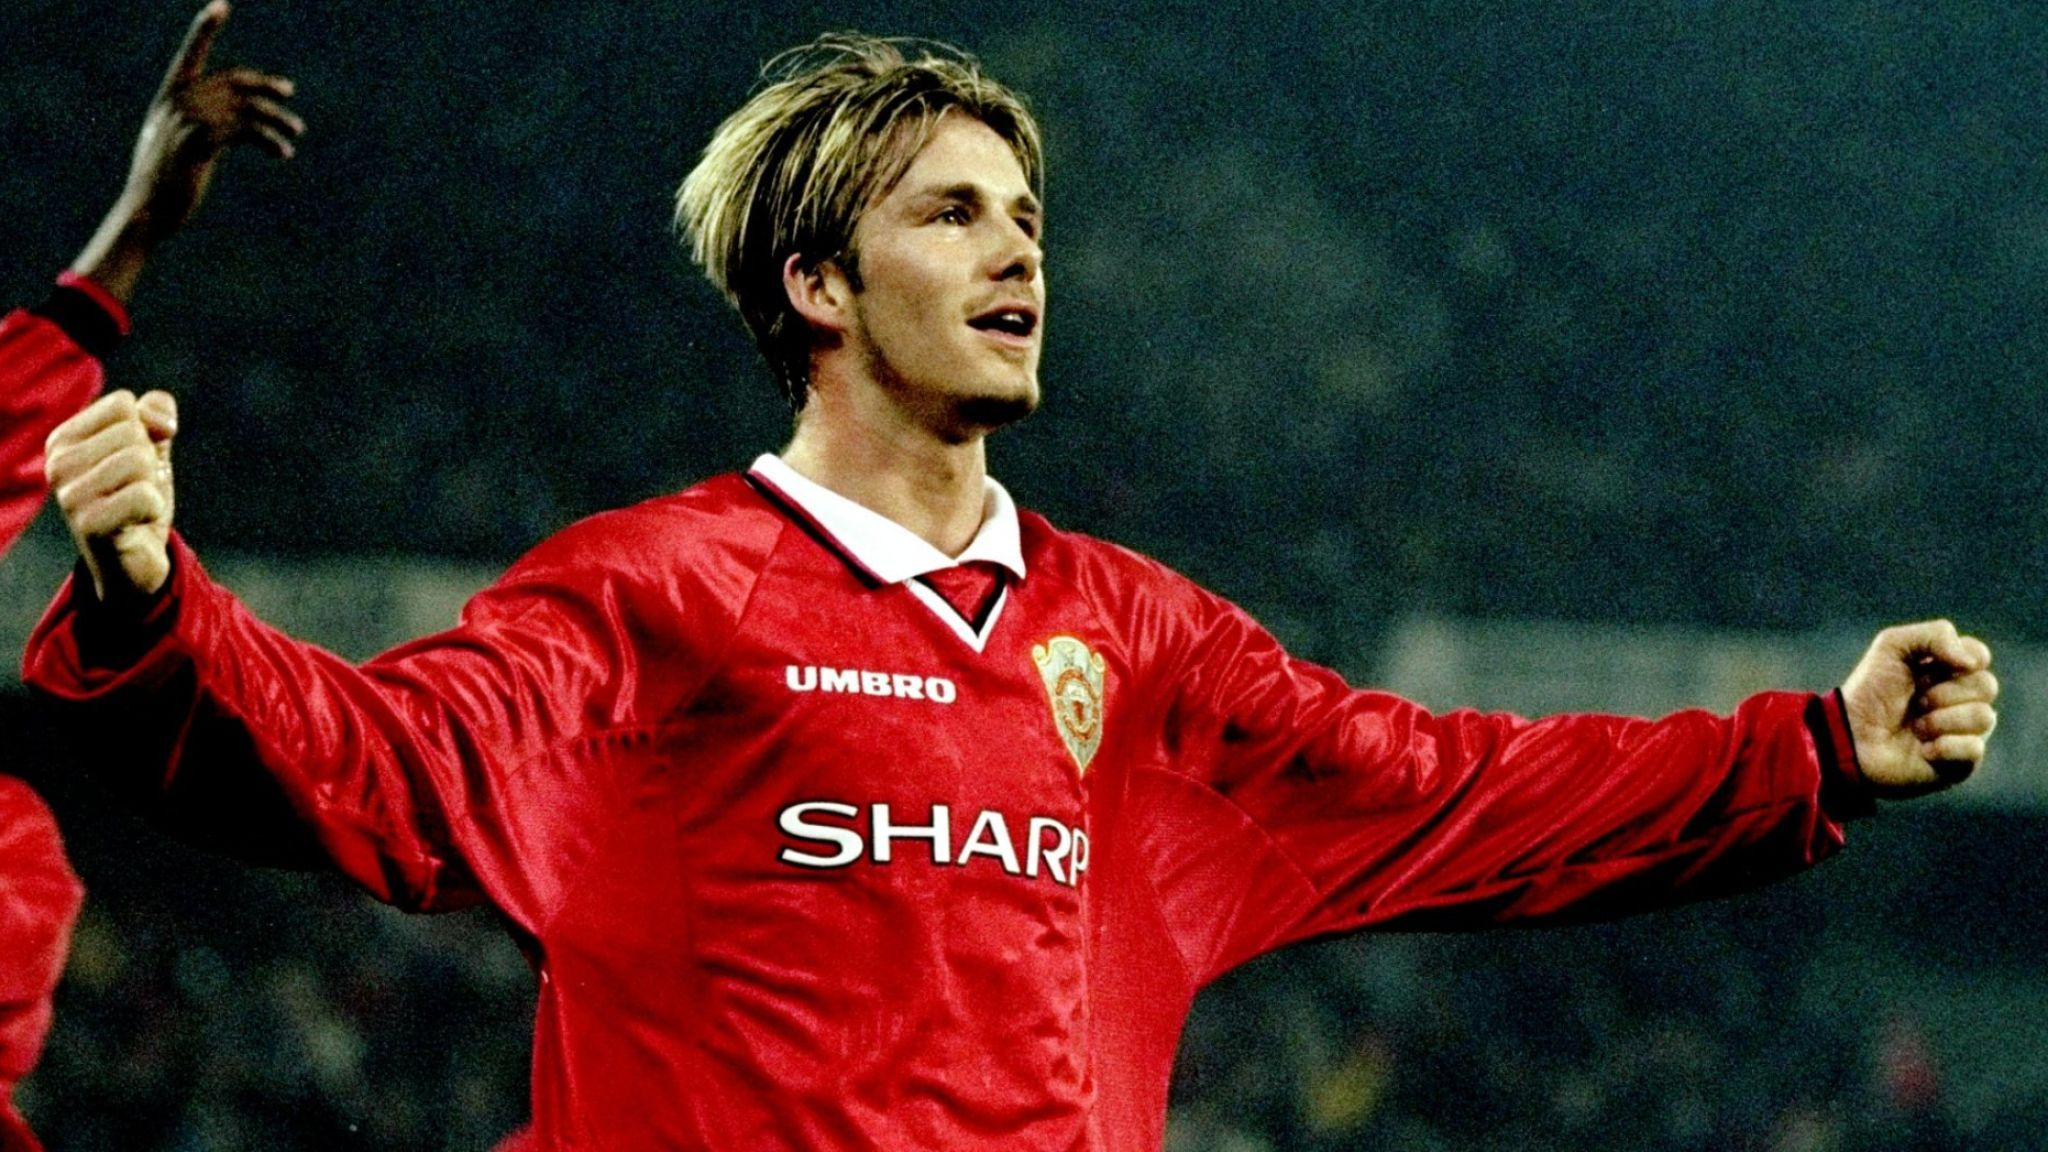 La superestrella David Beckham lanza la agencia de producción Studio 99